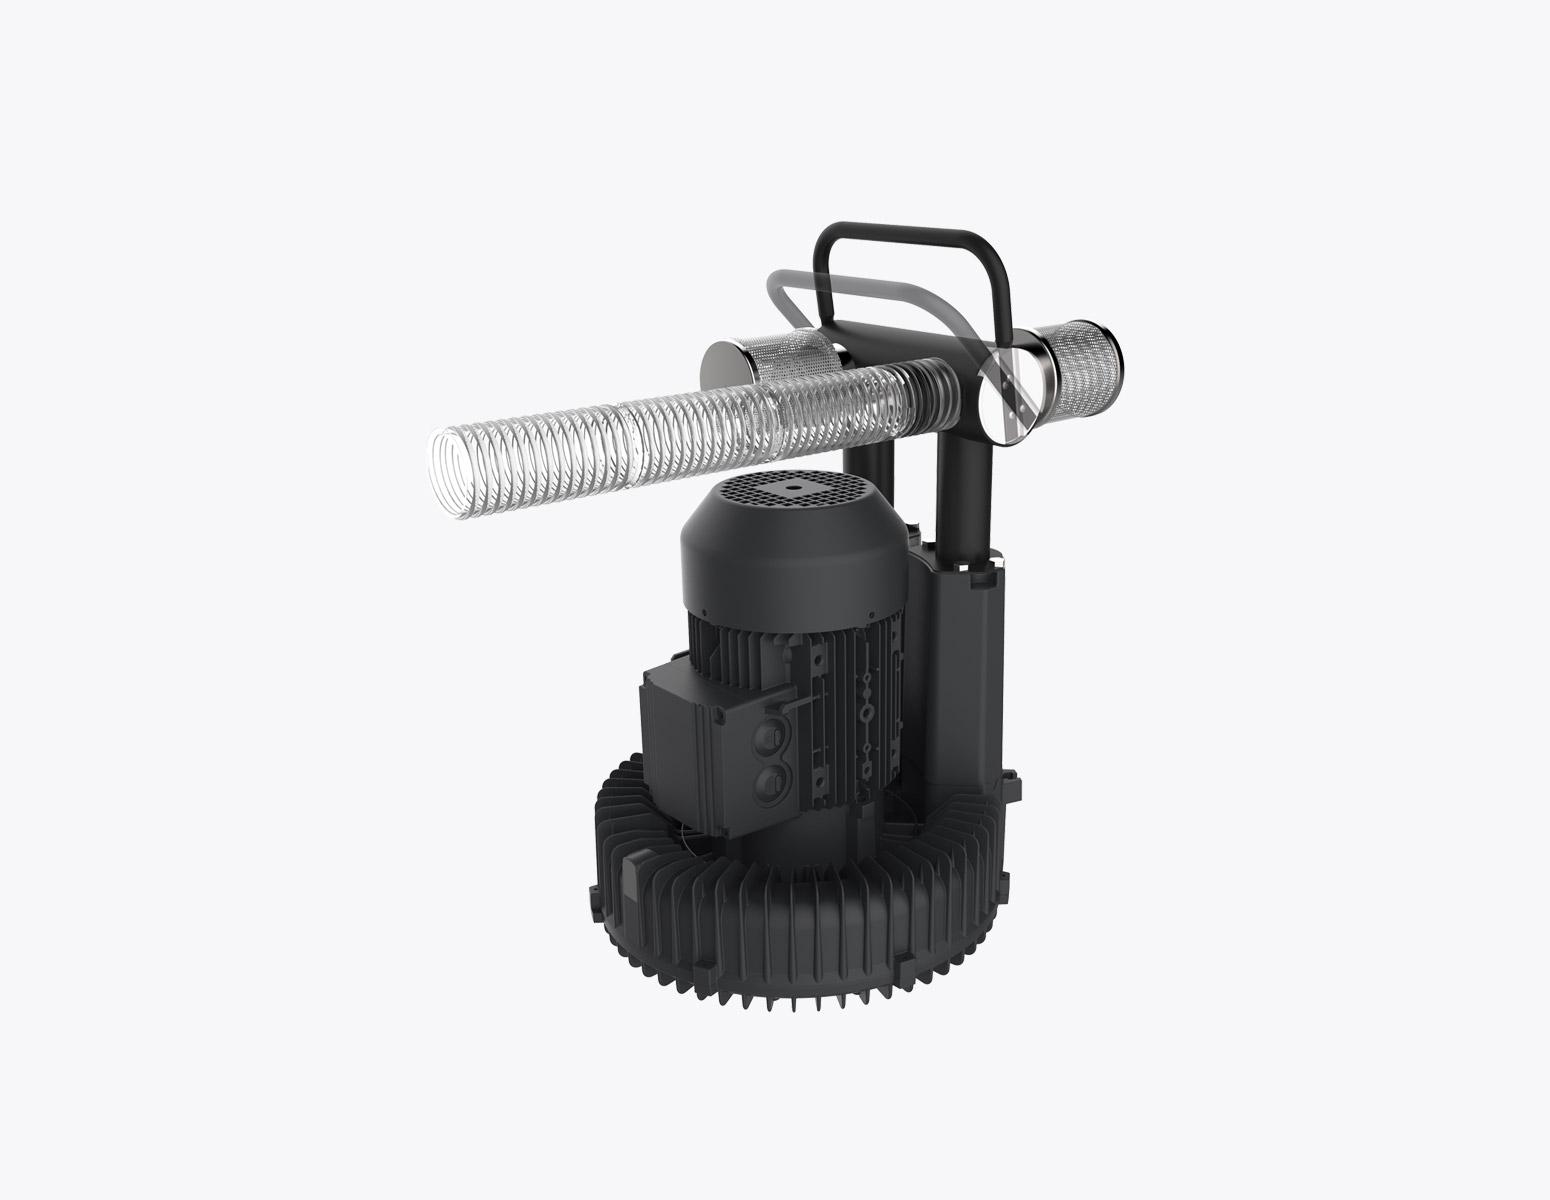 reverse-flow-industrial-vacuum-cleaners-ivision-vacuum